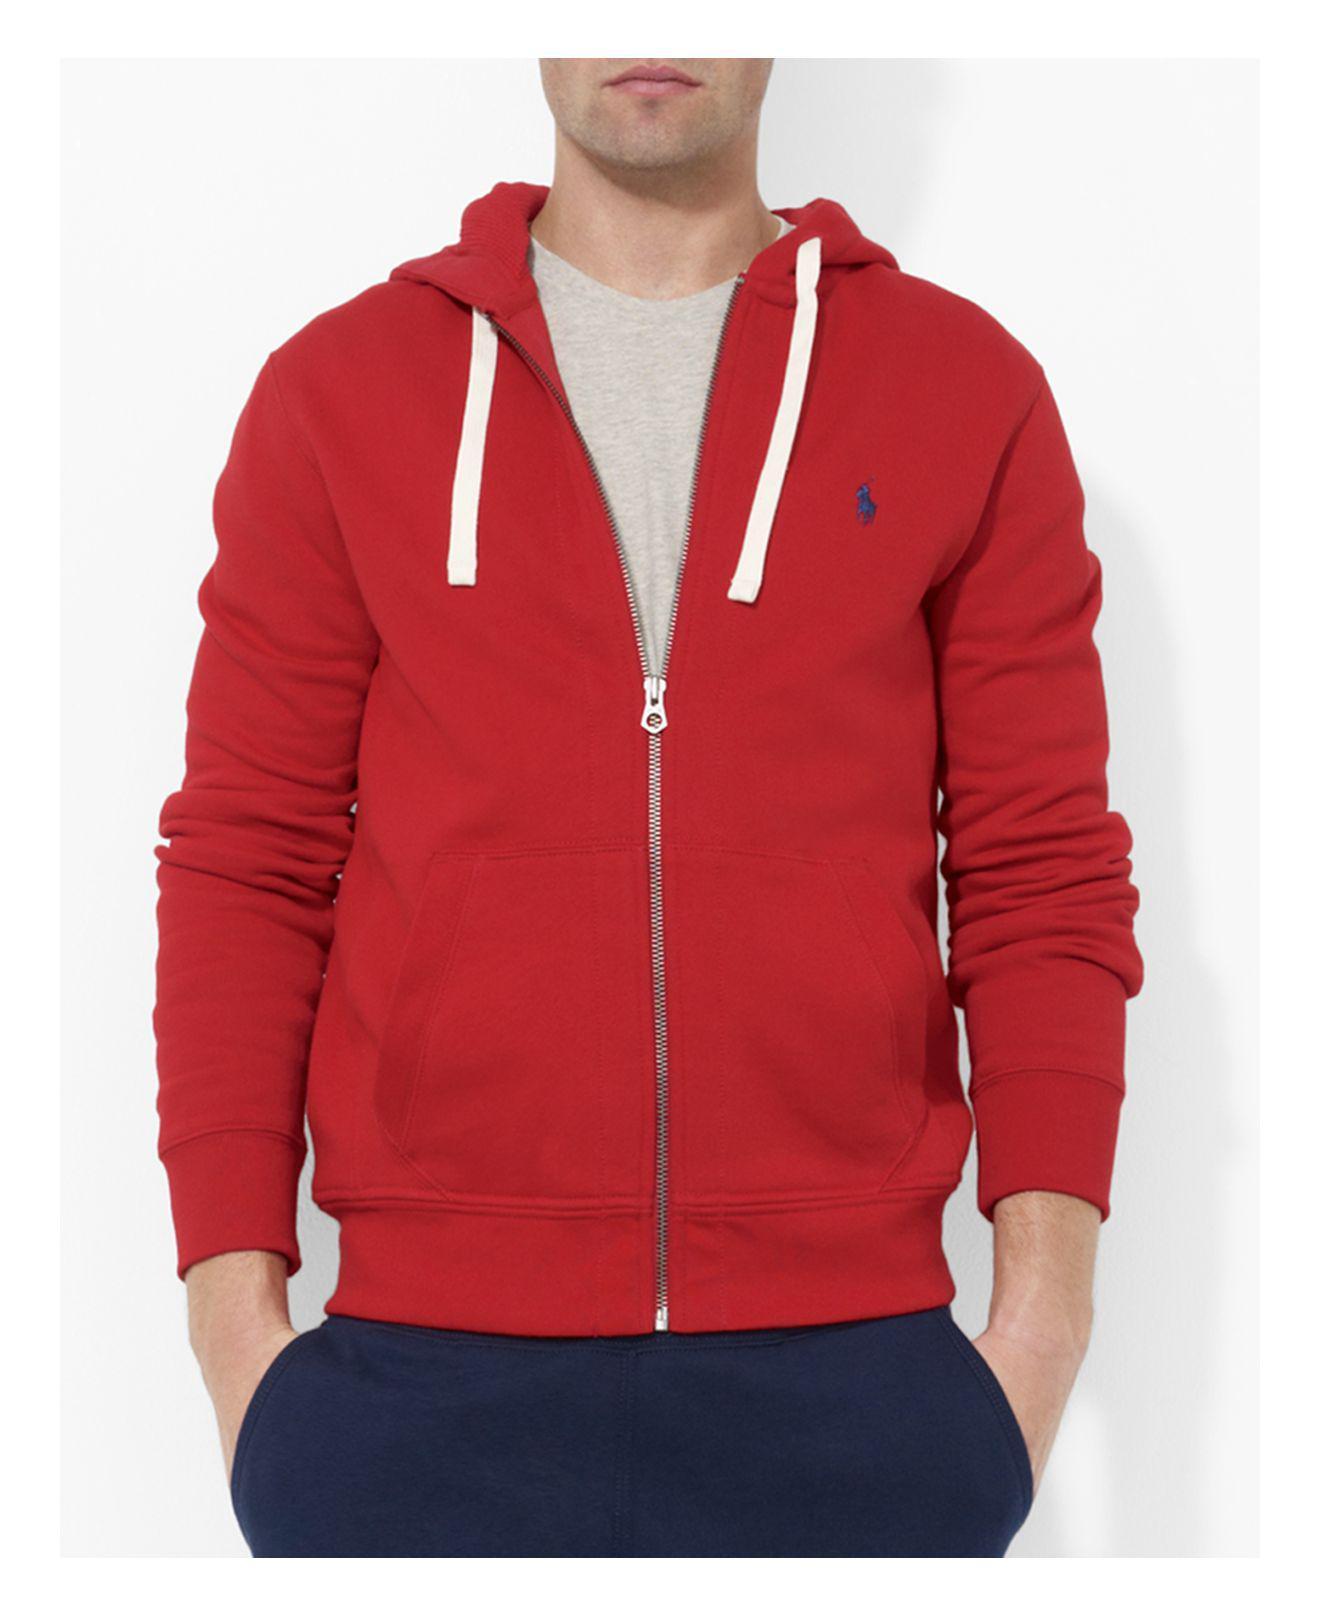 Polo Ralph Lauren. Men's Red Classic Full-zip Fleece Hoodie